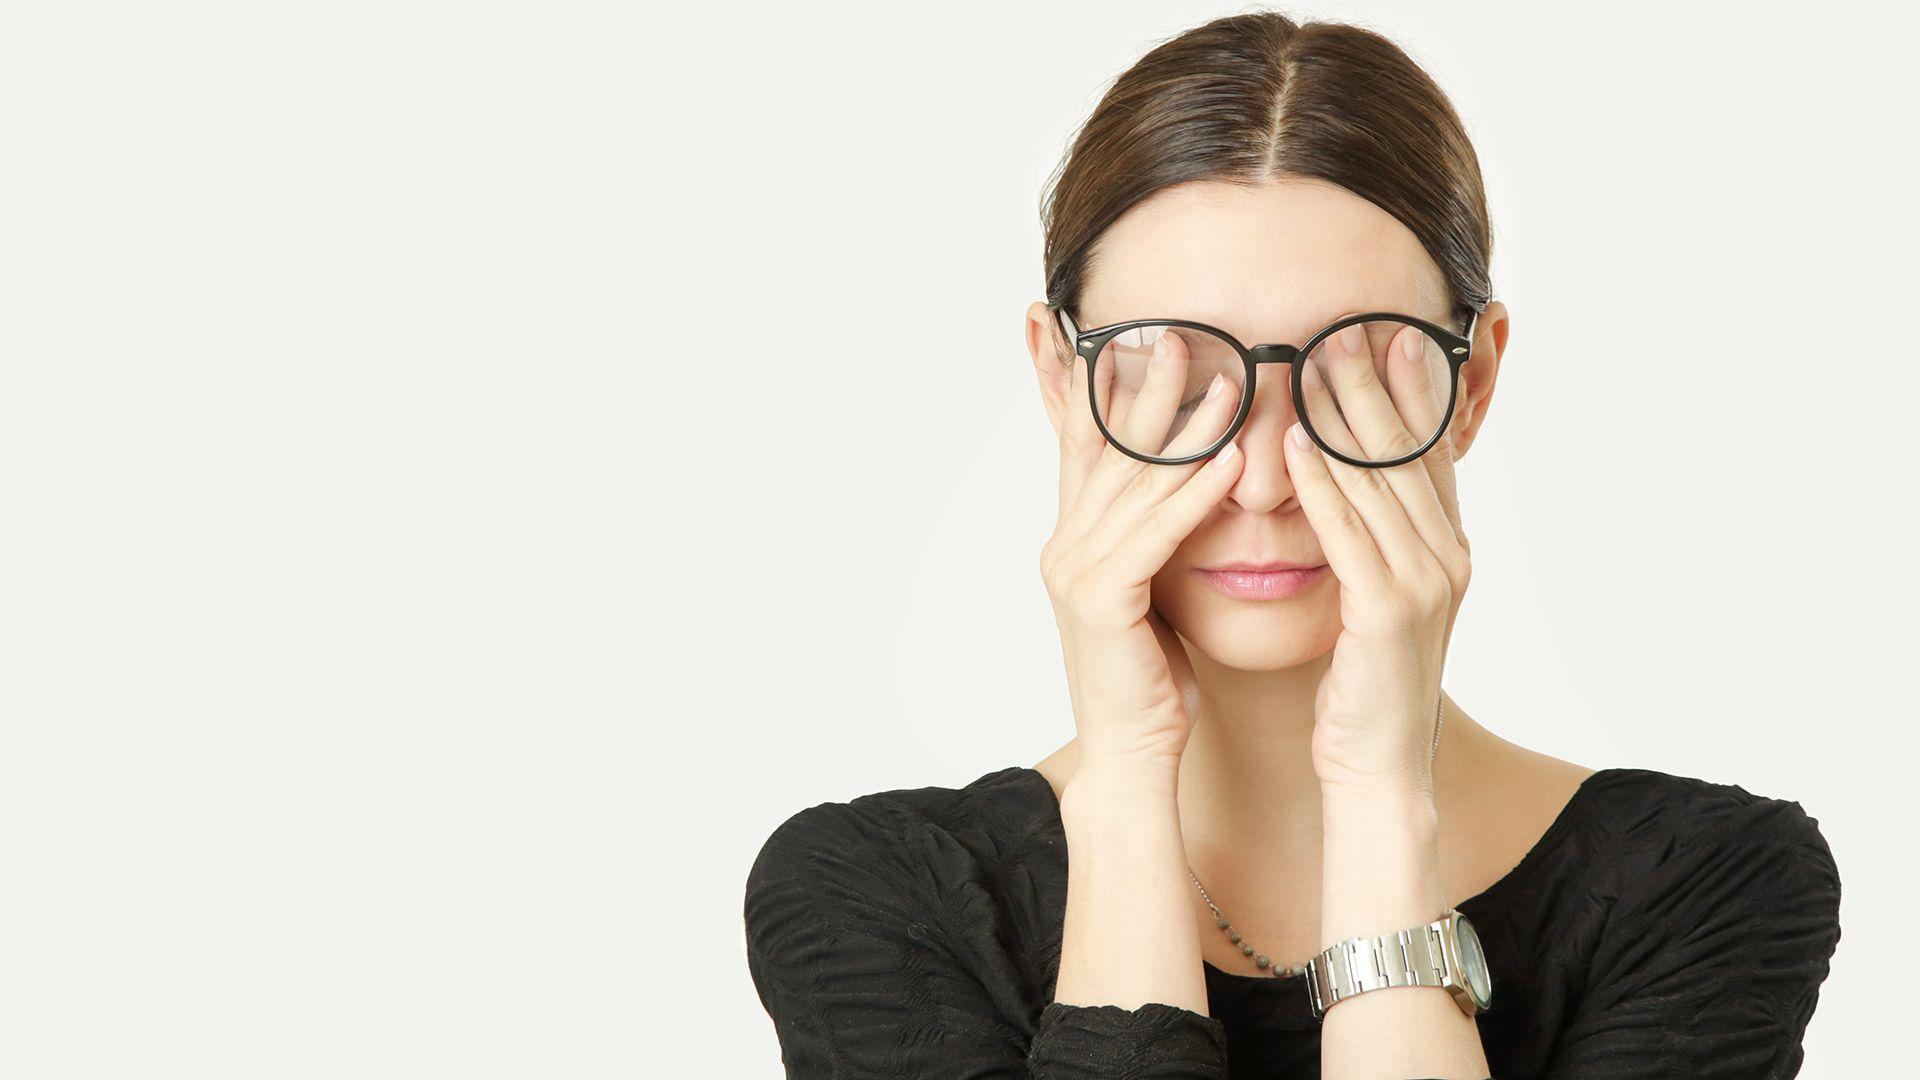 La gran mayoría de los pacientes con el síndrome de Sjögren viven saludables y sin complicaciones serias (Shutterstock)